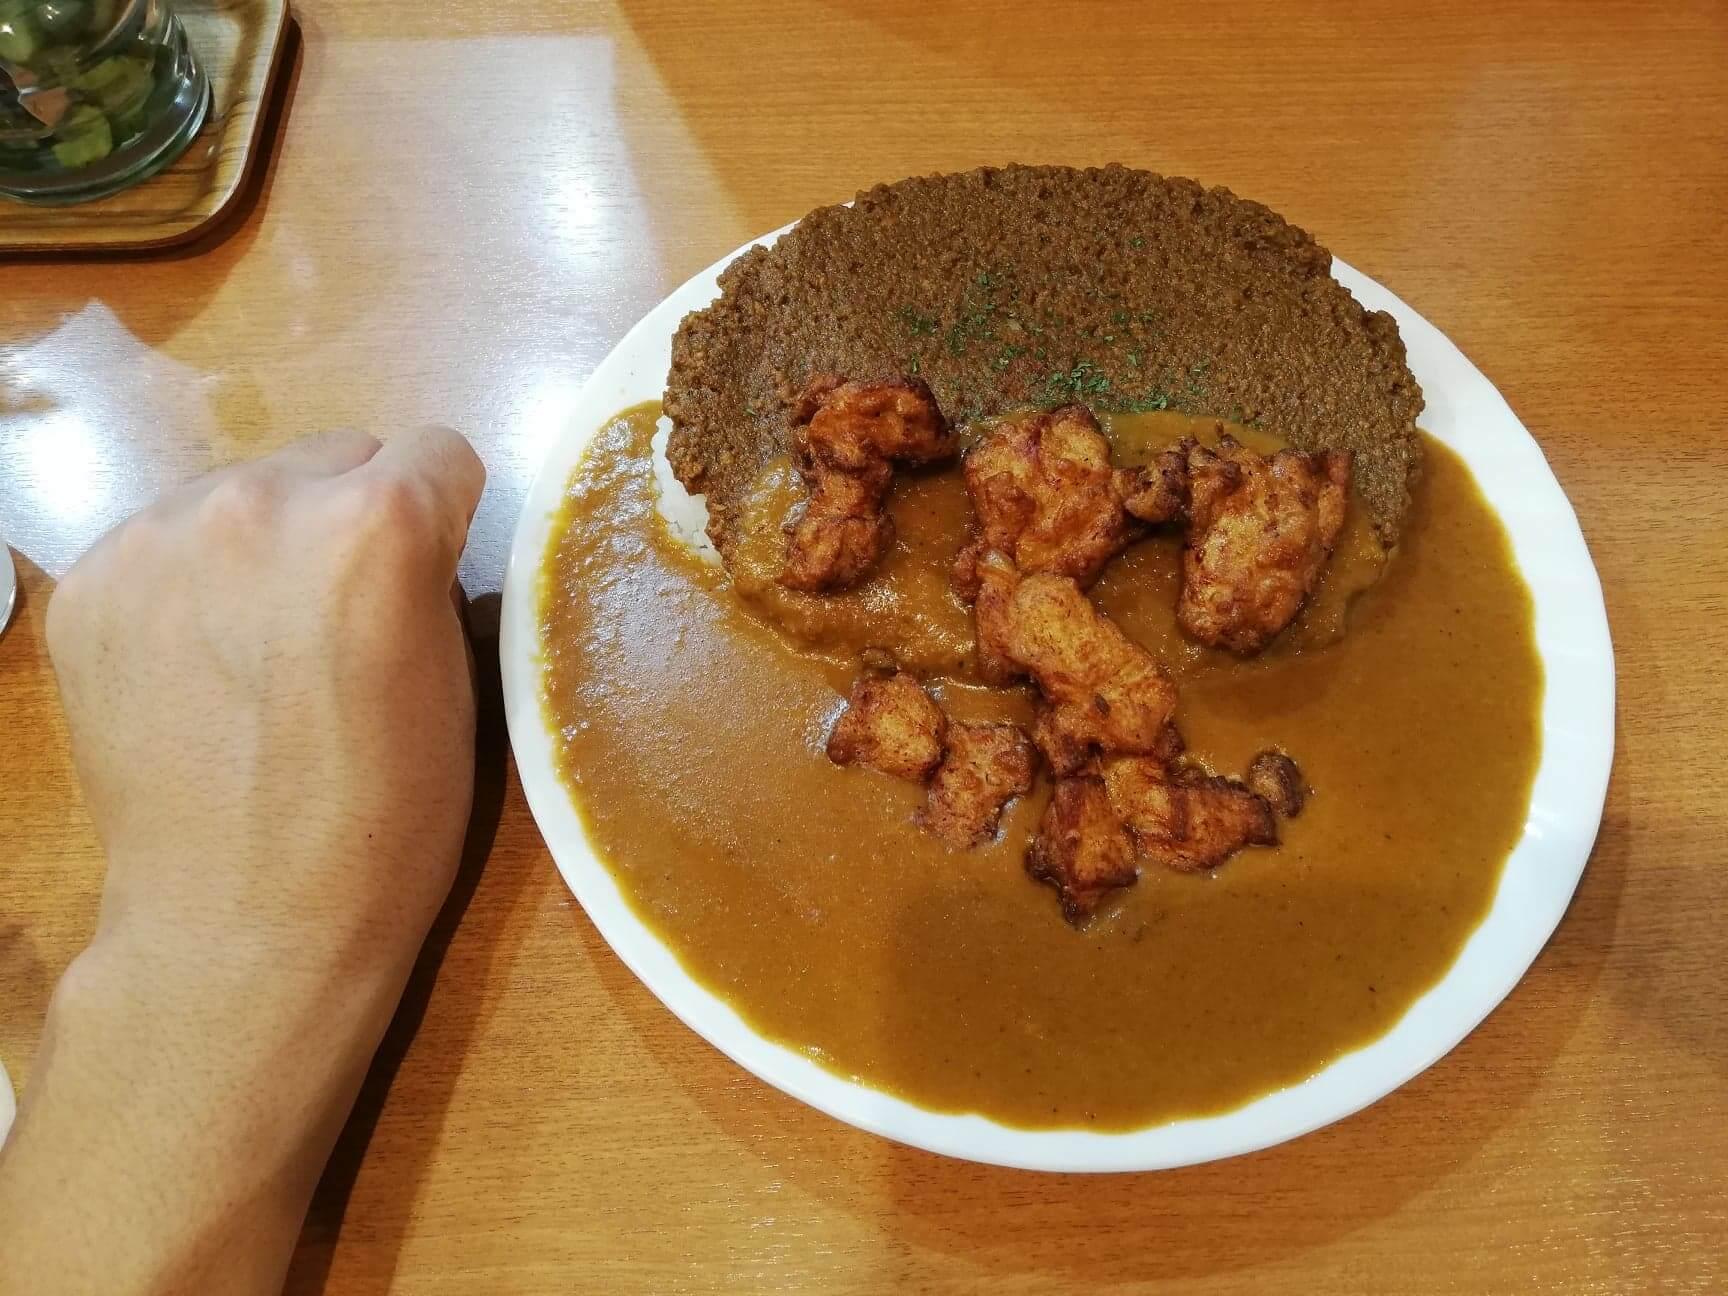 渋谷(神泉)『カレー屋パクパクもりもり』のパクもり唐揚げカレーと拳のサイズ比較写真